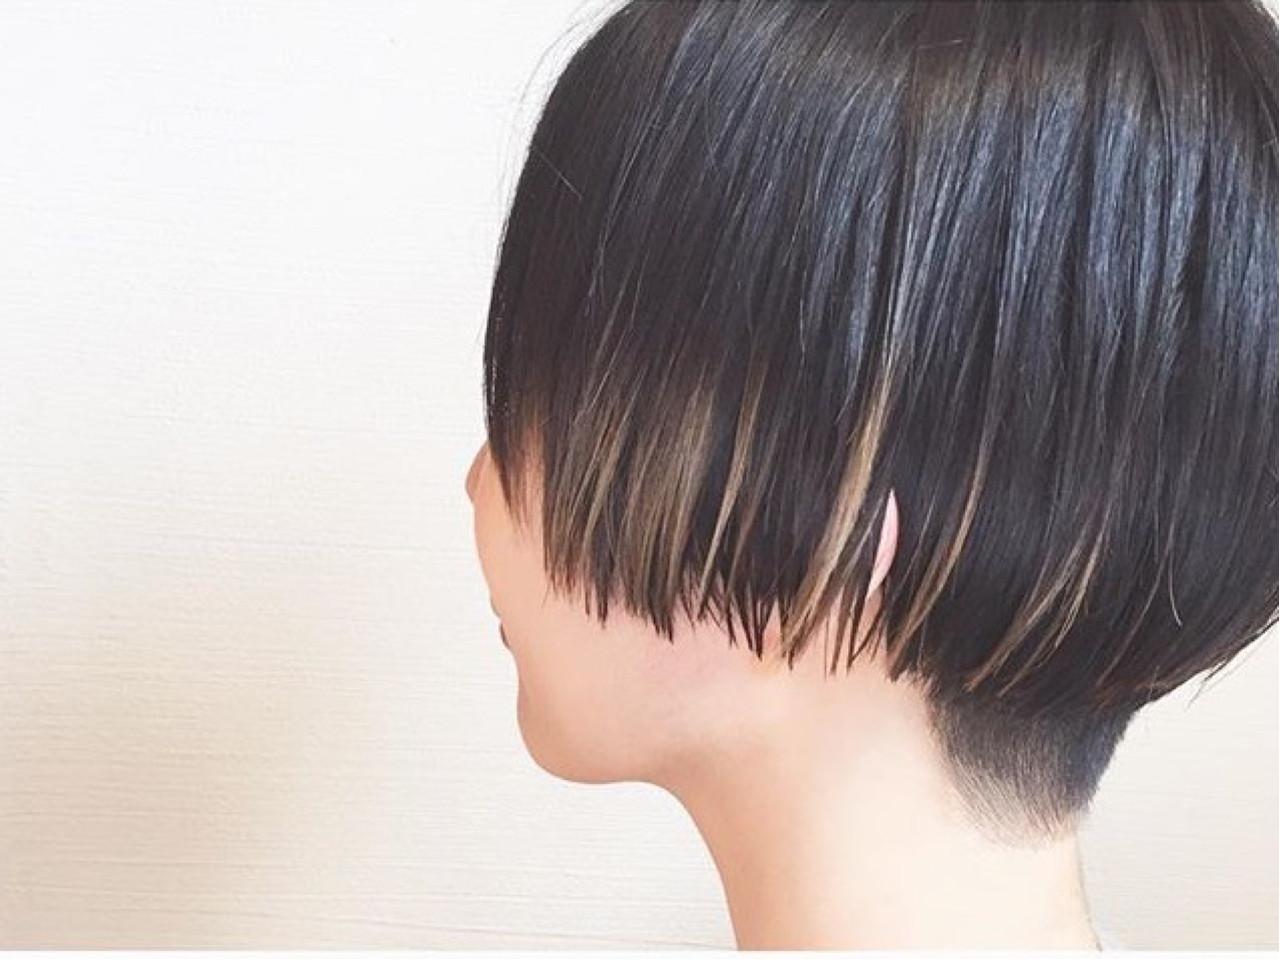 ハイライト ショート モード ダブルカラー ヘアスタイルや髪型の写真・画像